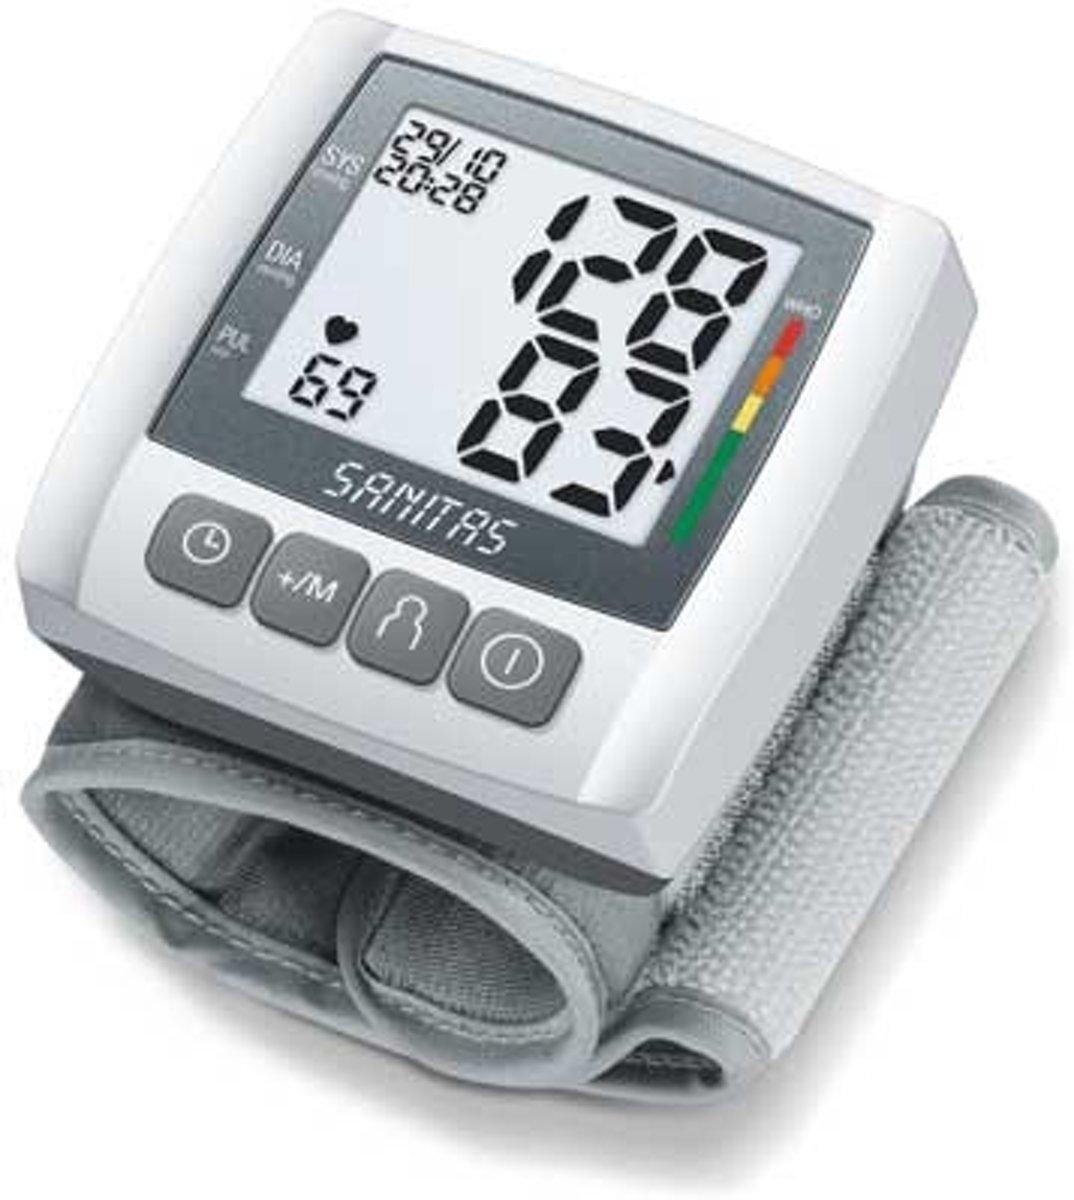 Sanitas SBC 21 - Pols bloeddrukmeter